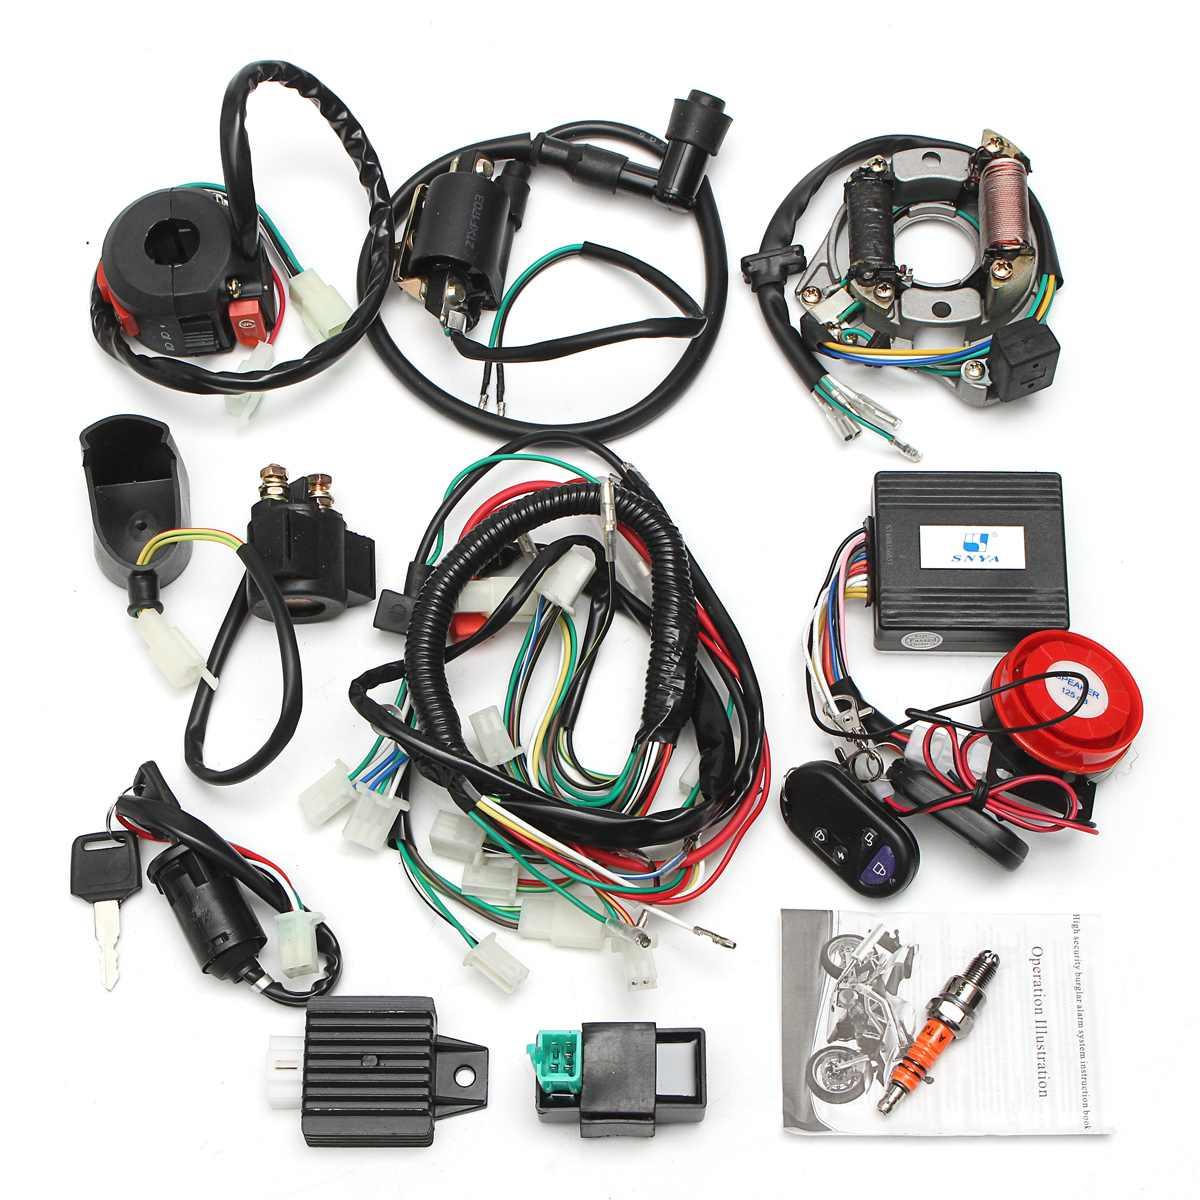 Nouveau système d'alarme faisceau de câblage électrique complet CDI 0cc 70cc 110cc 125cc ATV commutateur de démarrage à distance haute sécurité pour électrique